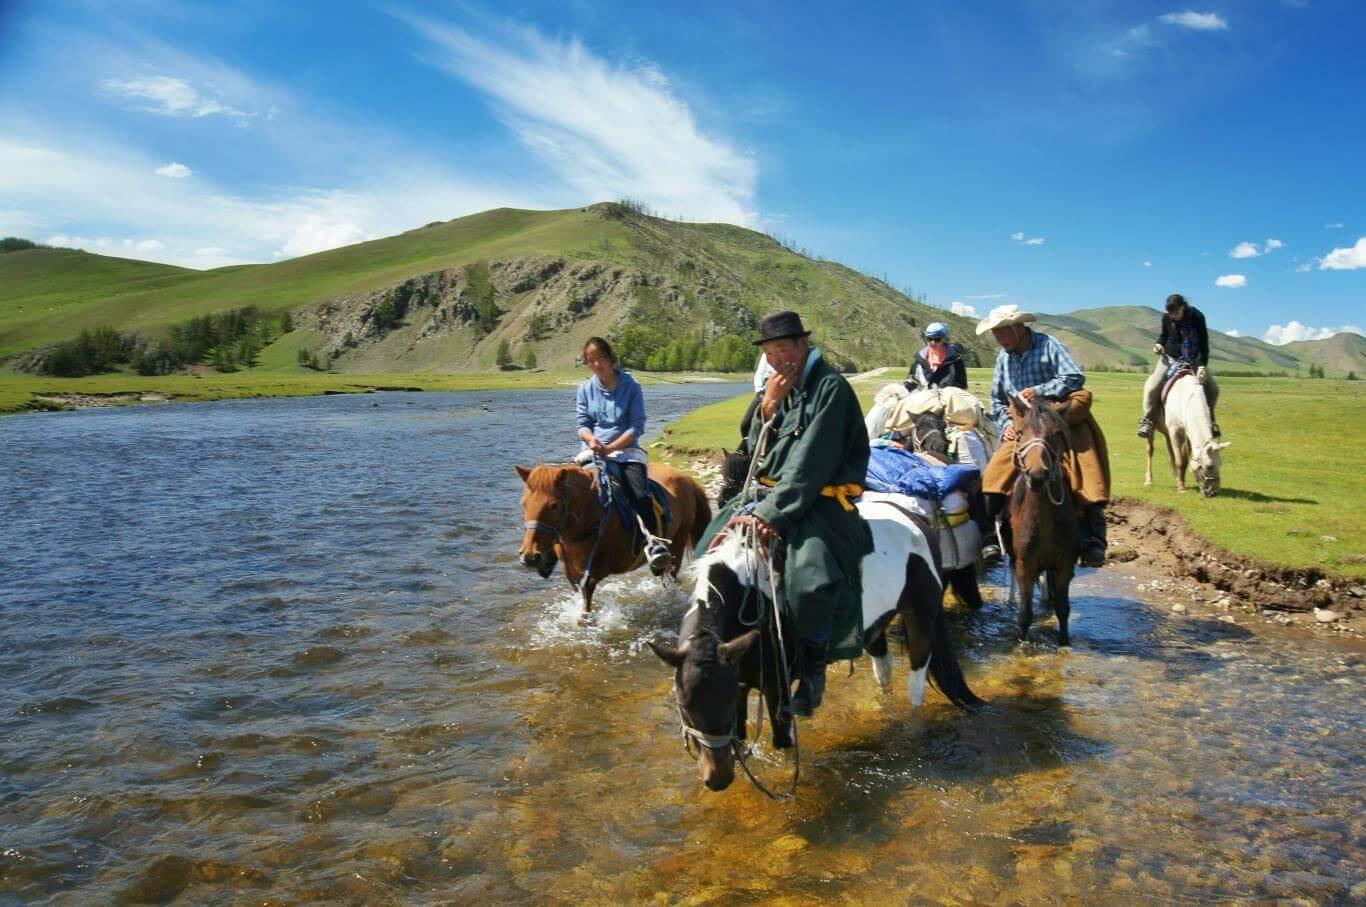 Du lịch Mông Cổ trãi nghiệm cảm giác ngồi trên lưng ngựa trên một thảo nguyên rộng lớn